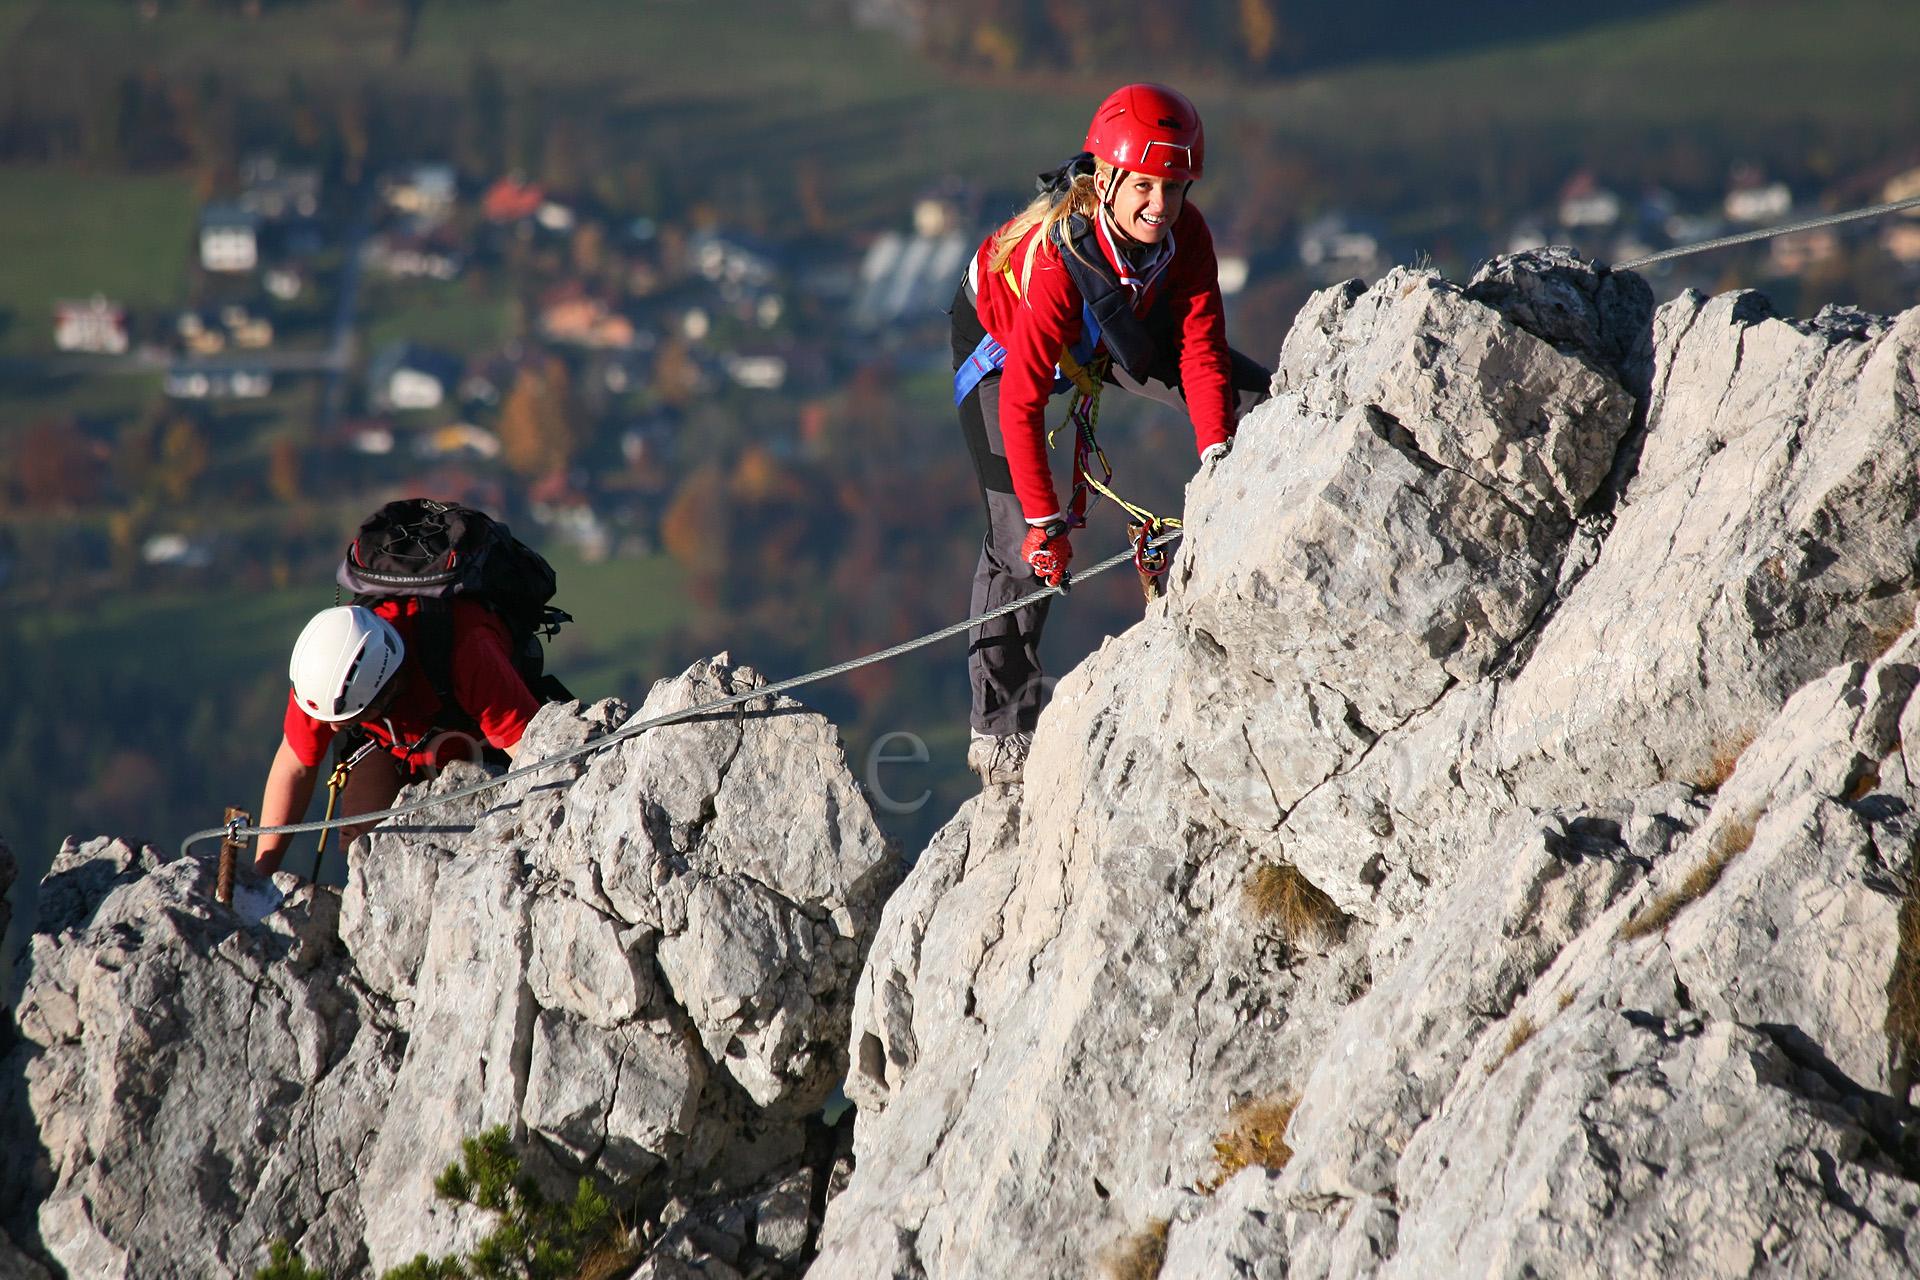 Klettersteig Katrin : Fotos mit action dynamik und bewegung